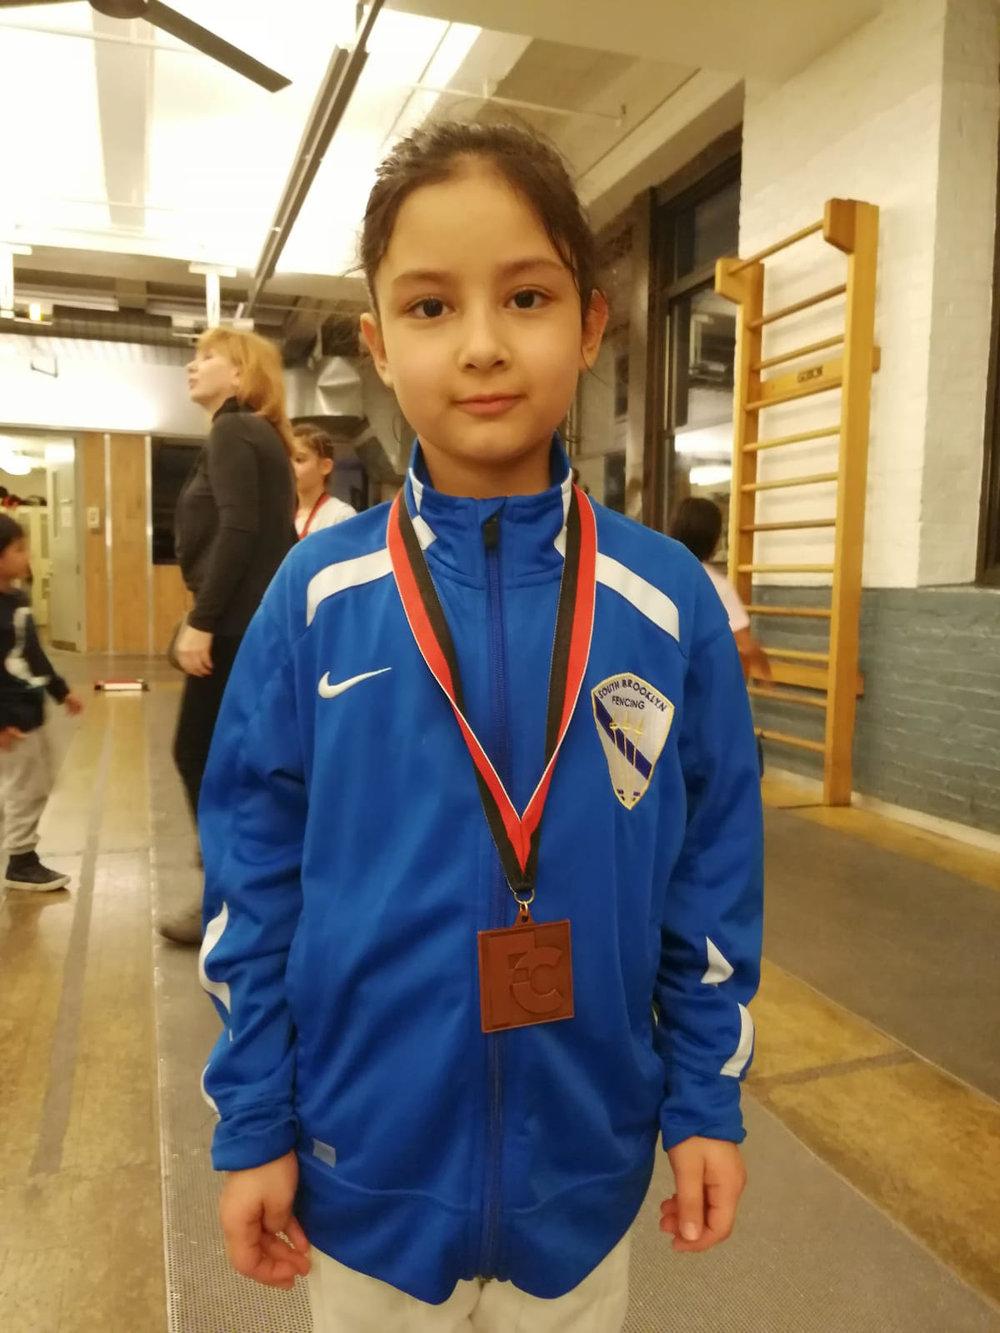 Fencers Club YOUTH Y10 Emily Cascone 3rd   February 24th 2019